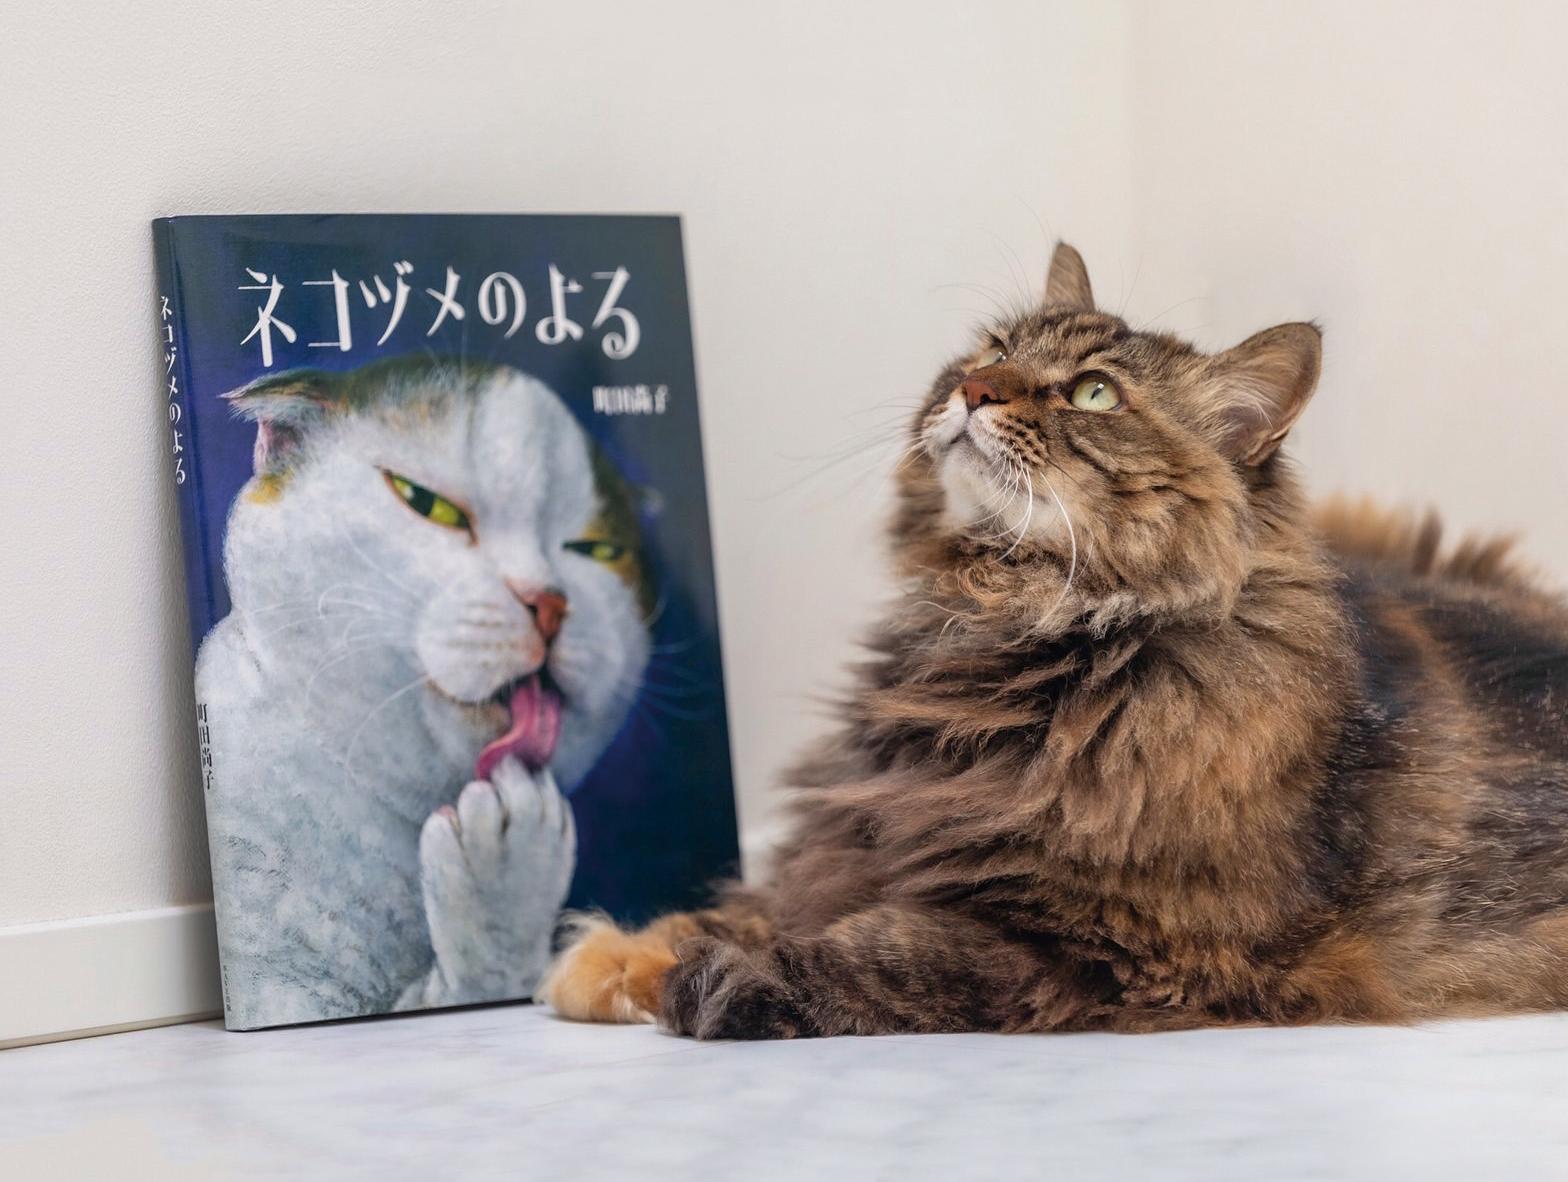 【猫びより】第9回 本屋さんが選ぶ猫の本【私のイチオシ!】(辰巳出版)